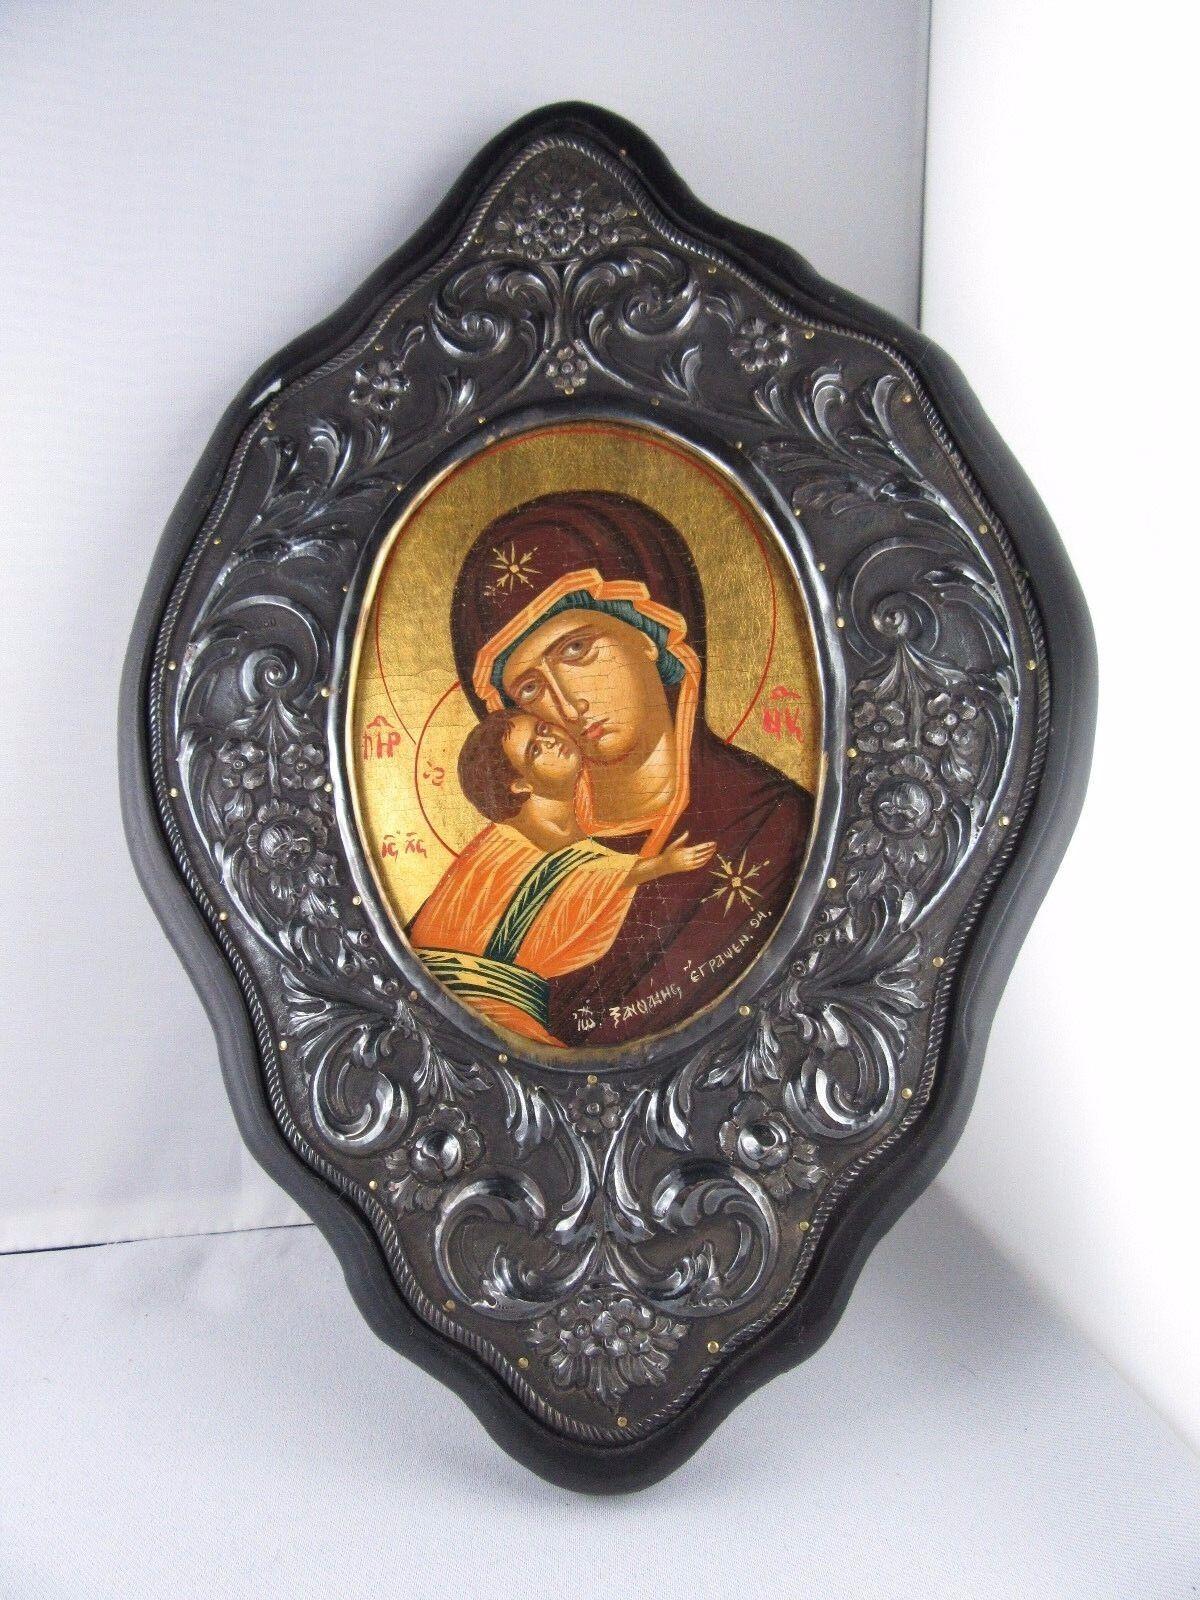 C470 ⭐⭐  Vintage Byzantinische Griega Icono   950 Plata y 24 - Quilates⭐⭐